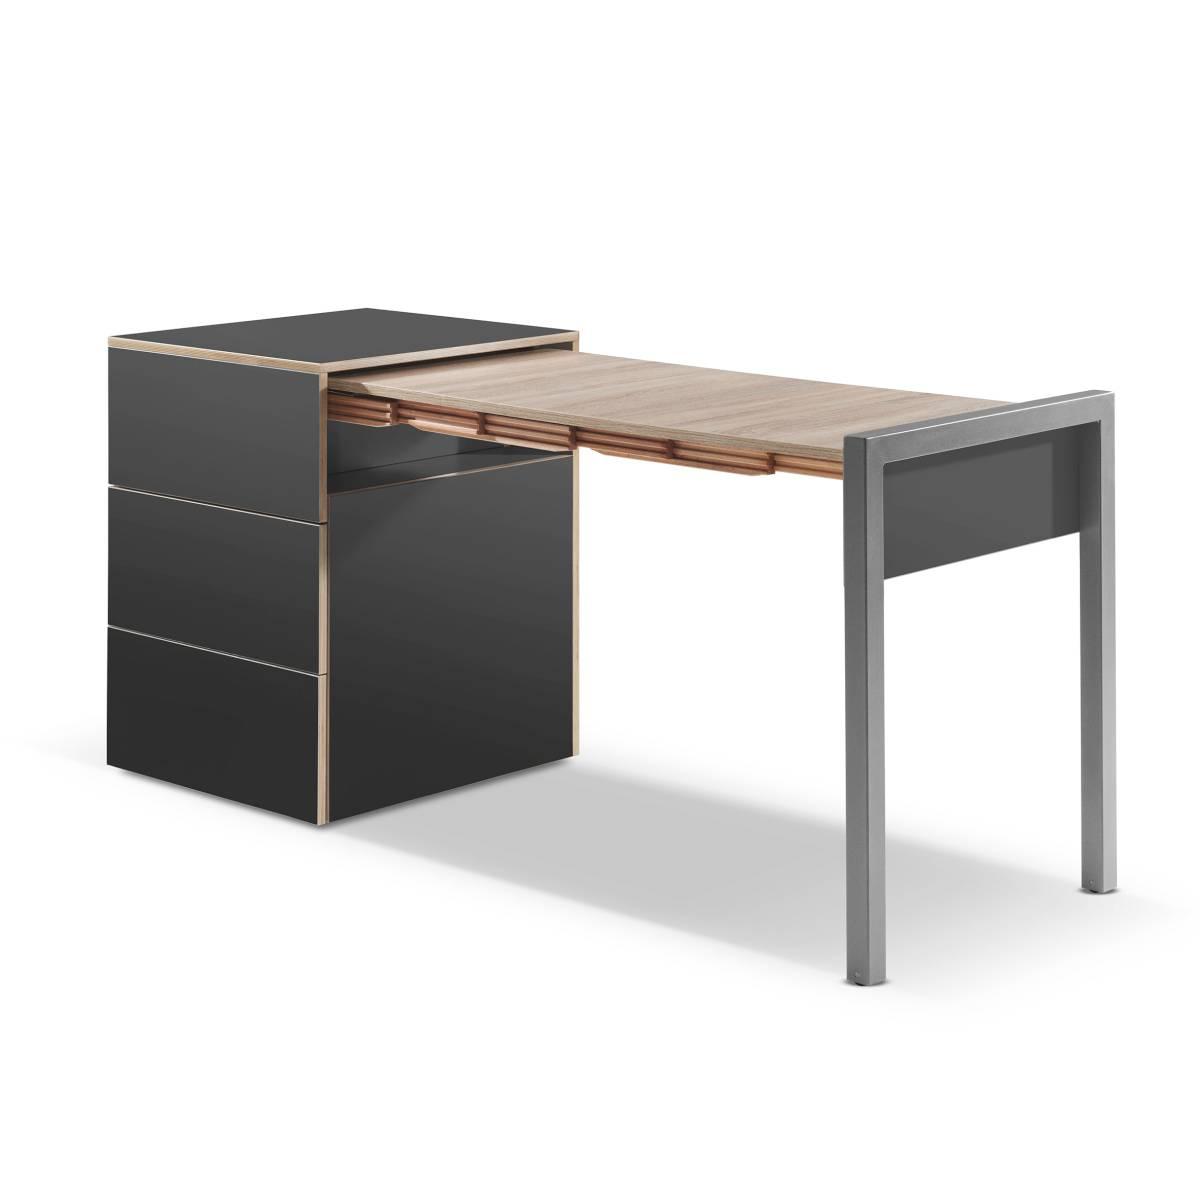 ALWIN ausziehbarer Tisch anthrazit, Platte Eiche Vintage, Tisch nach rechts